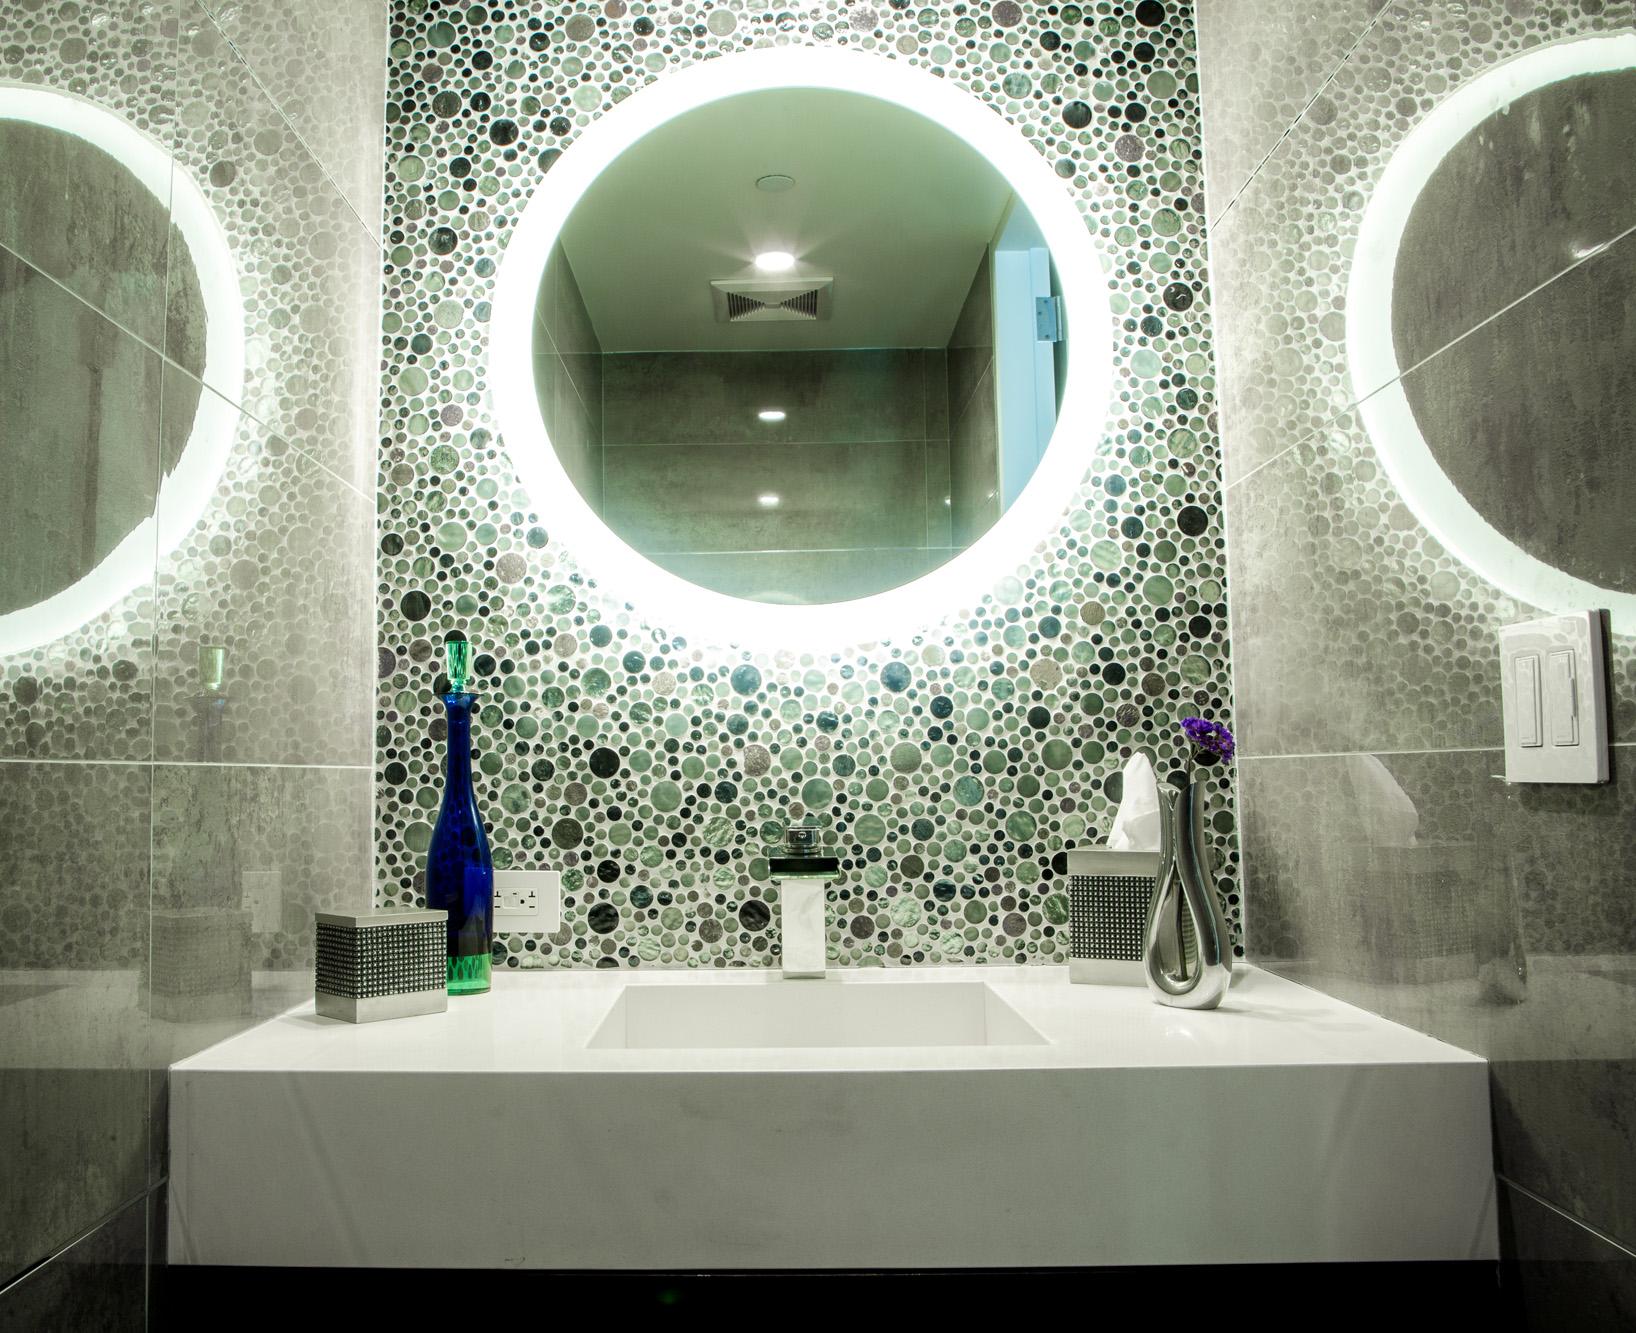 light up round mirror- integrated sink.jpg